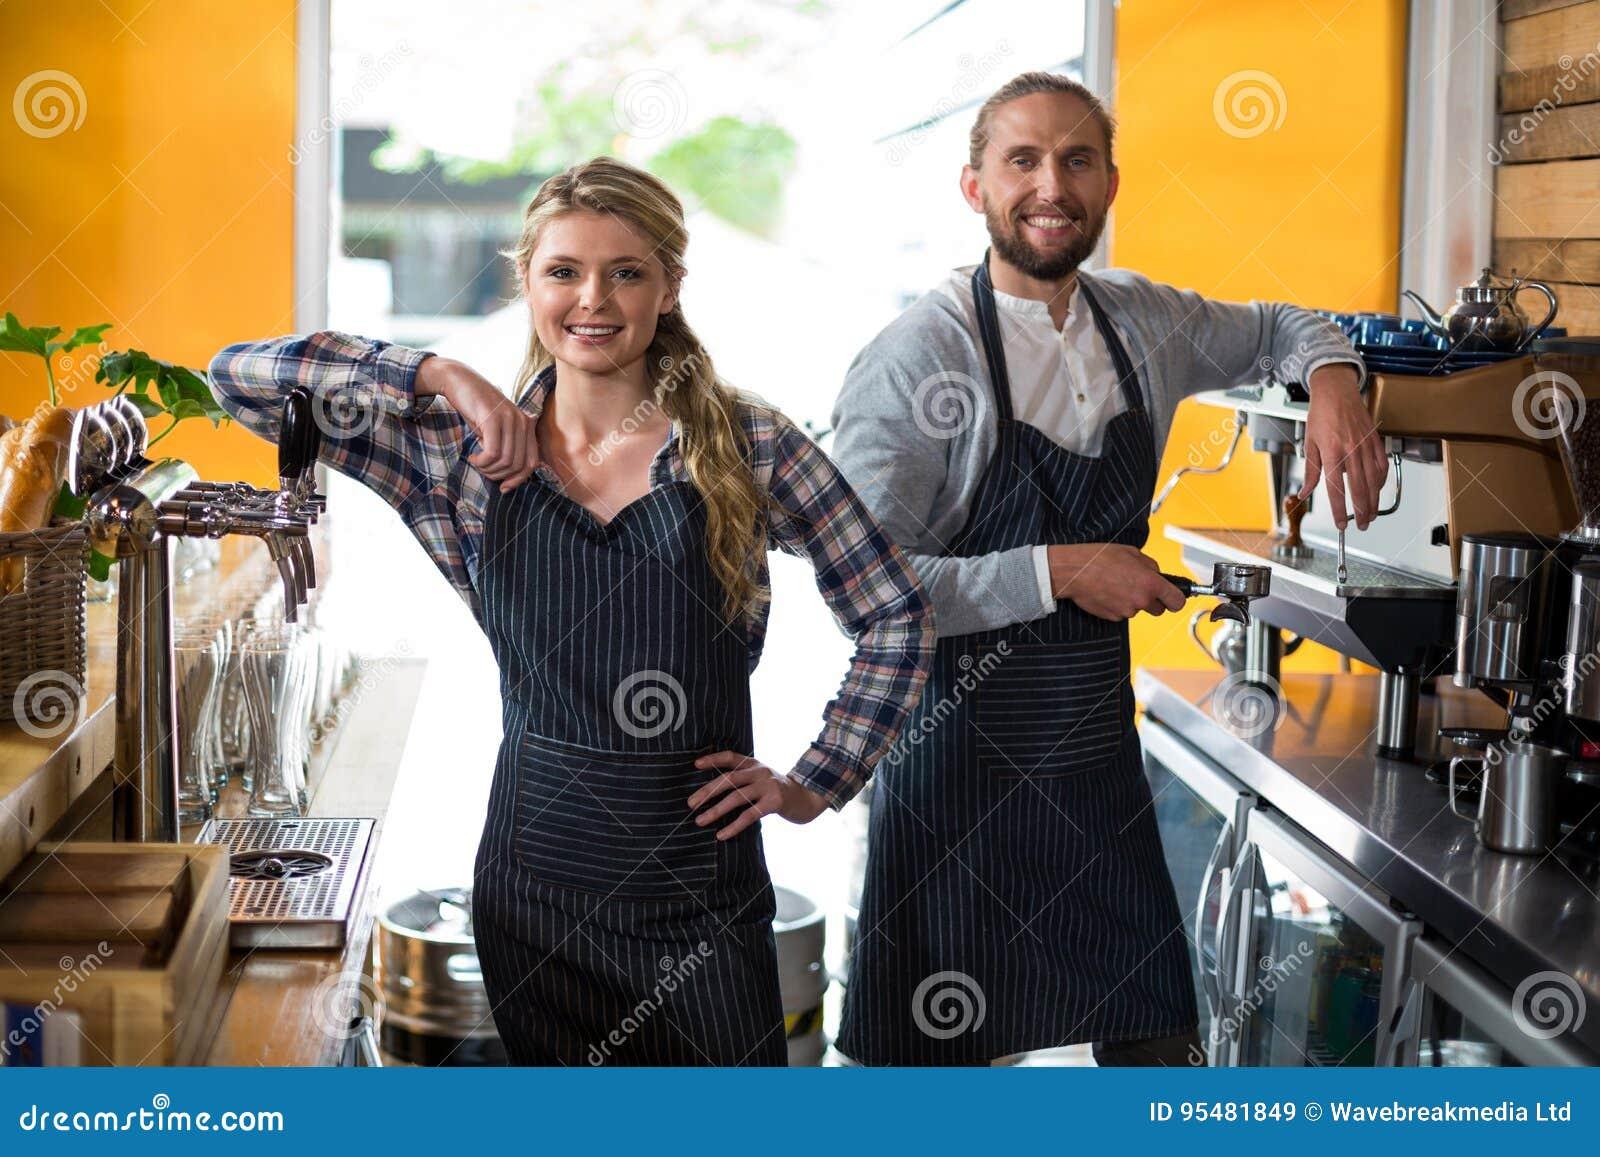 Portret uśmiechnięta kelnerka i kelner pracuje przy kontuarem